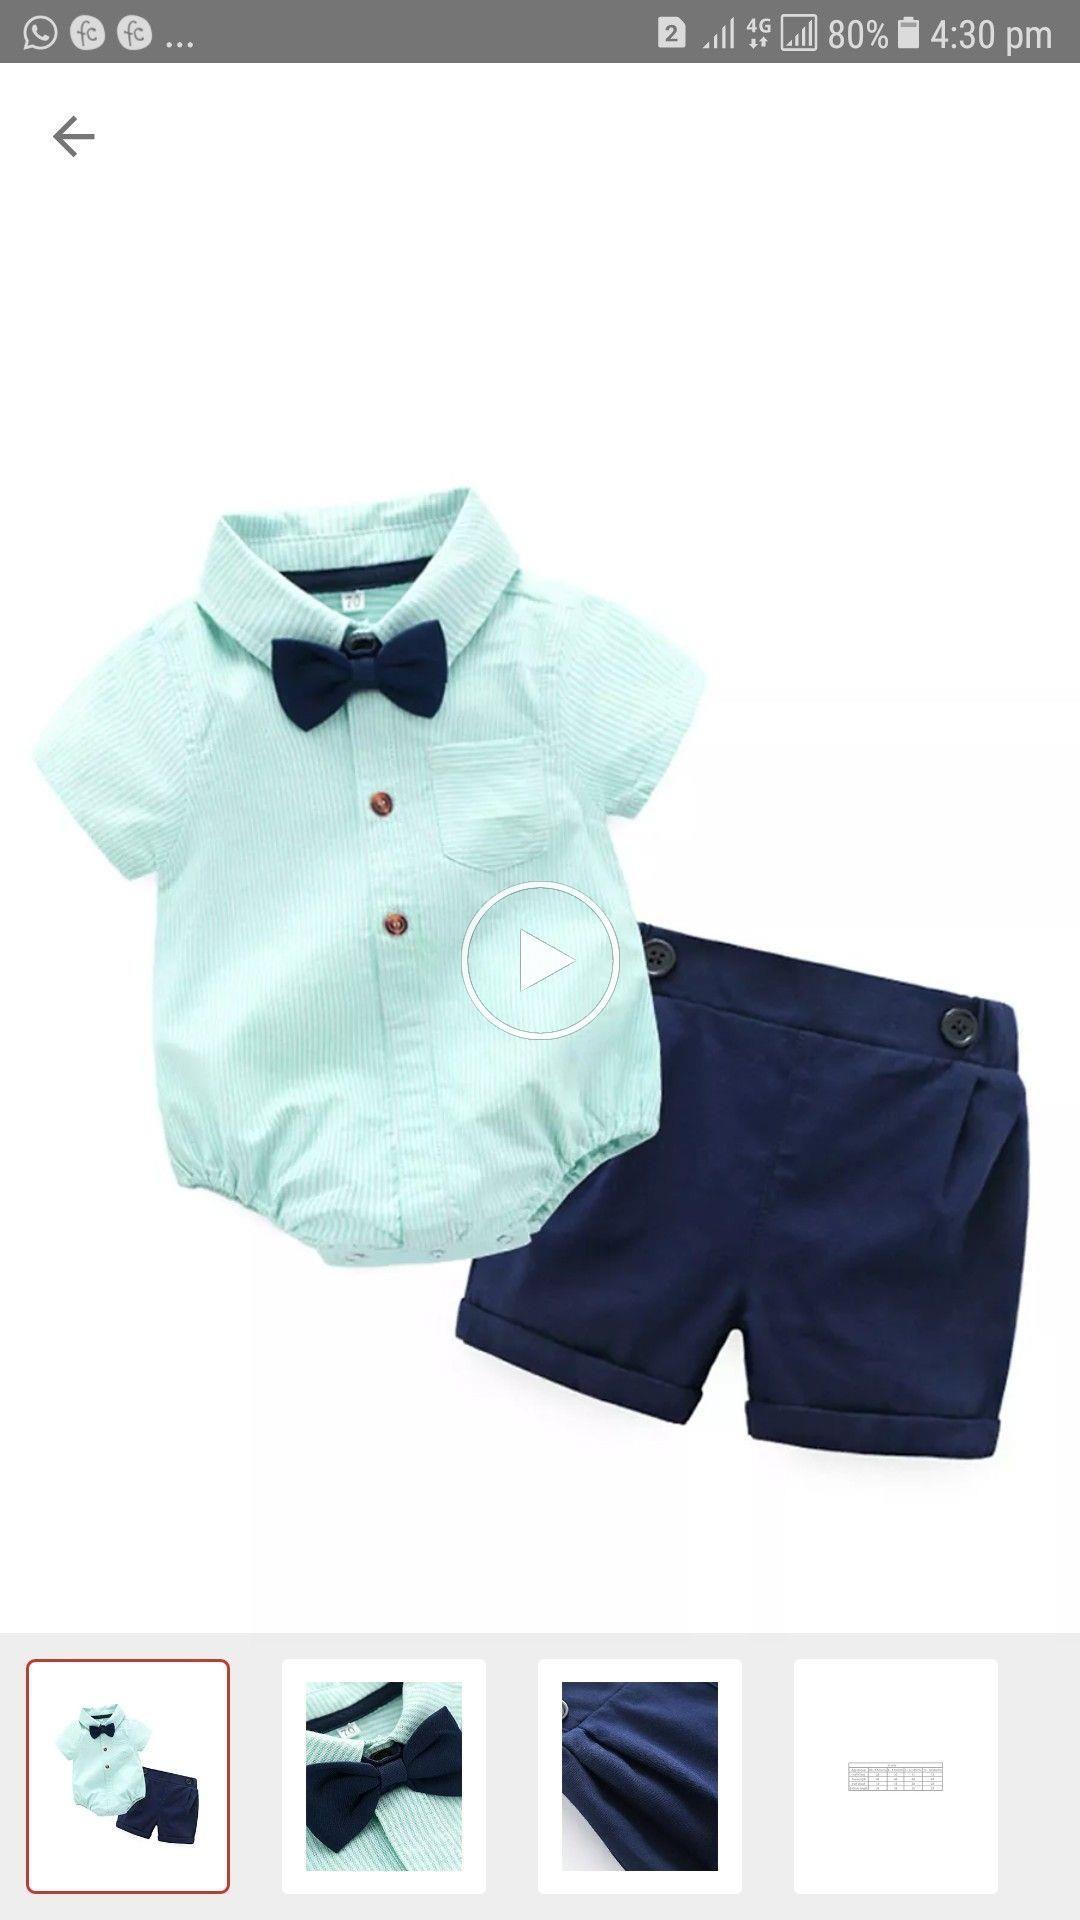 babykleidung größe 44 - babykleidung erstausstattung set